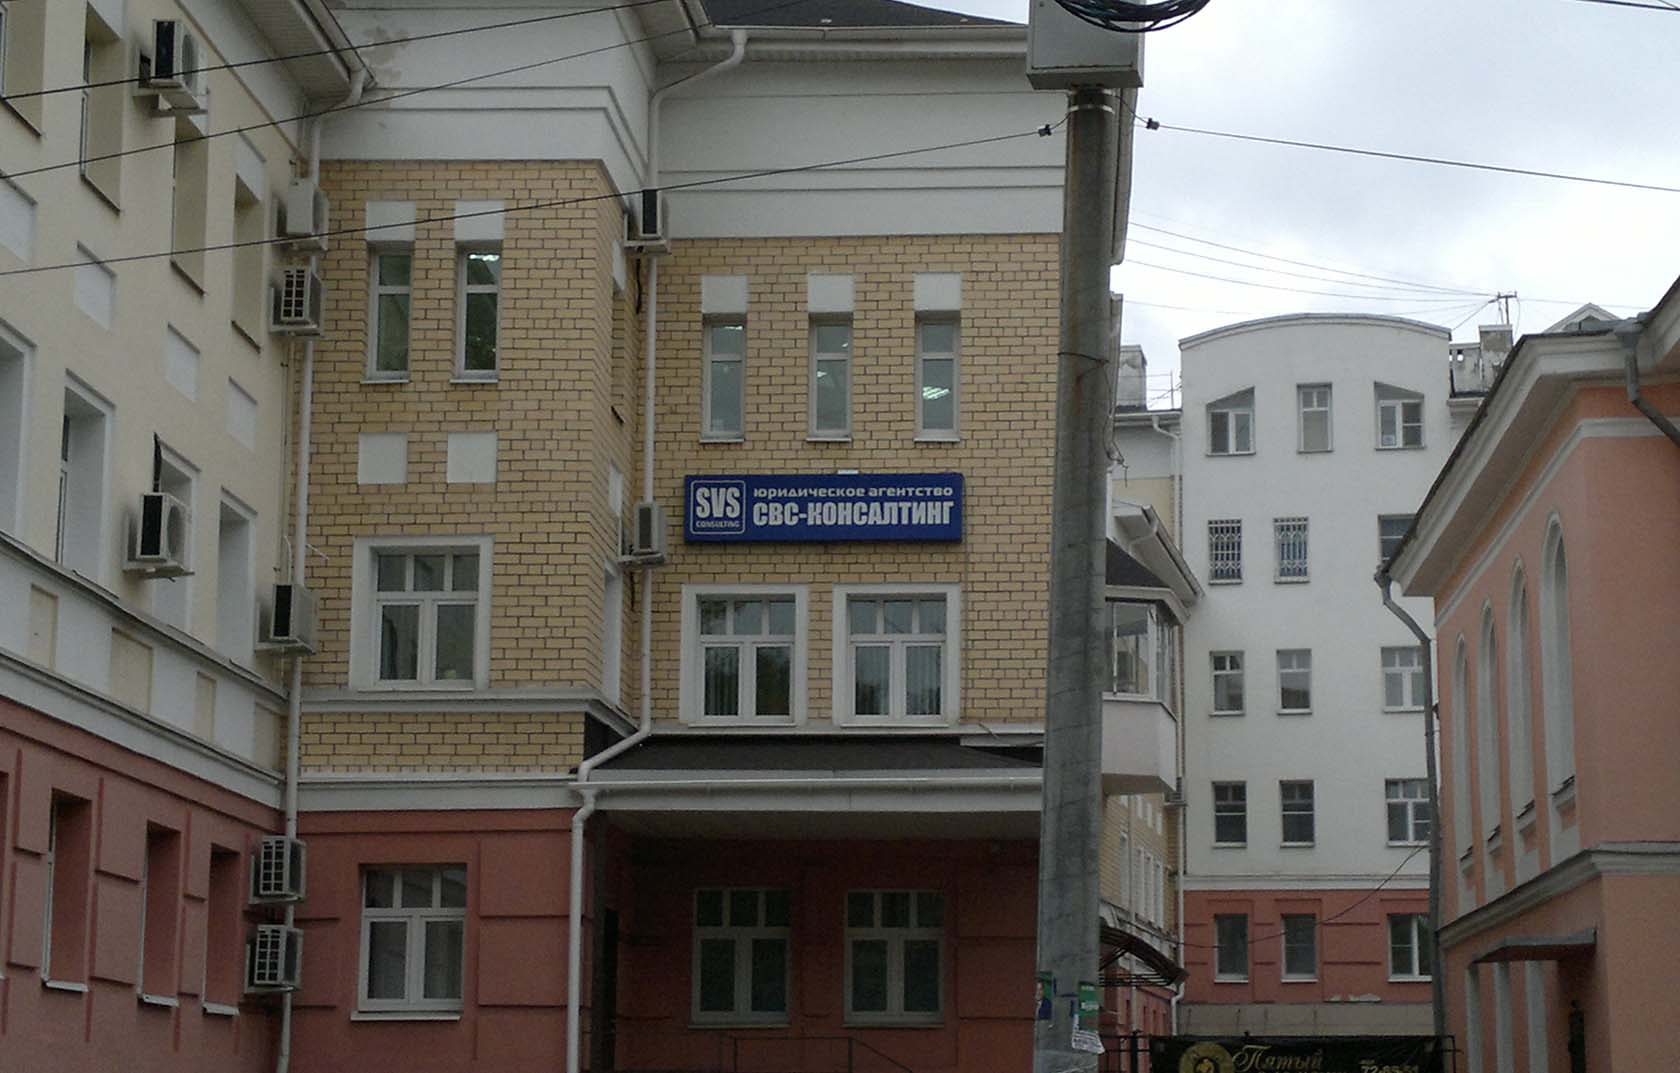 Юридические услуги Ярославль, Юридические услуги в Ярославле